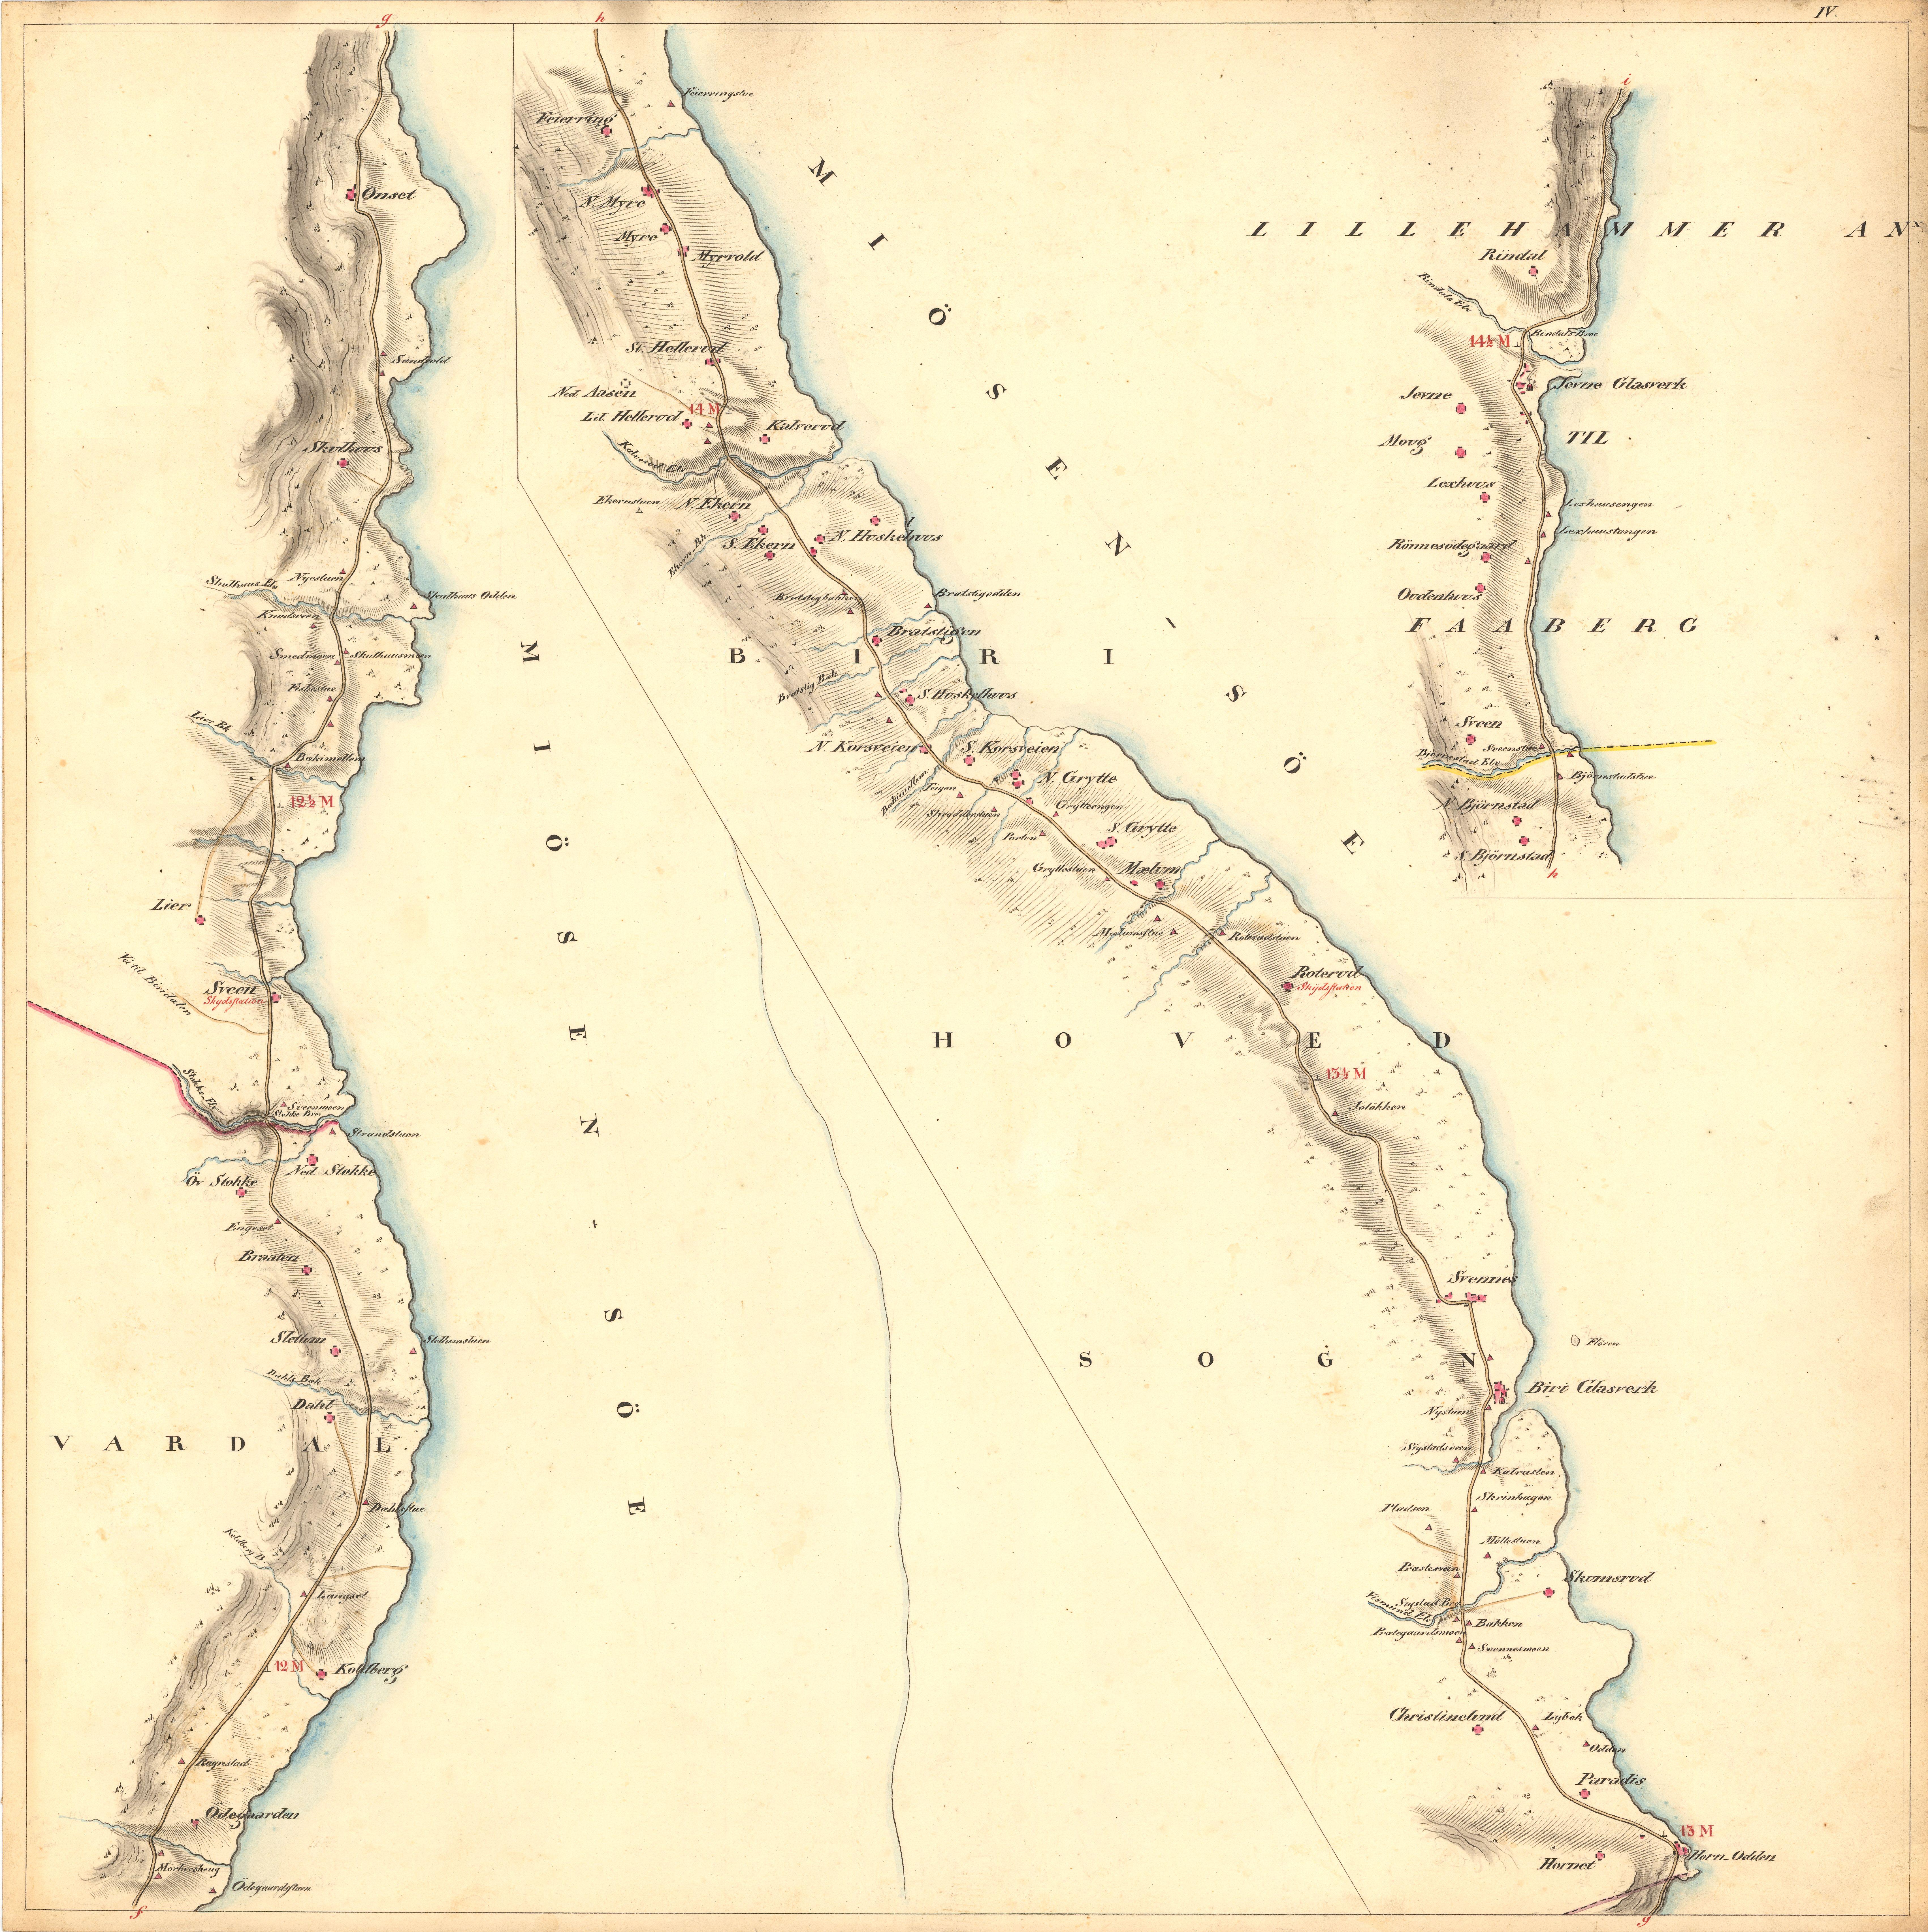 kart til og fra File:Kartblad 4  Kart over Veien fra Eidsvold igjennm Hurdalen  kart til og fra